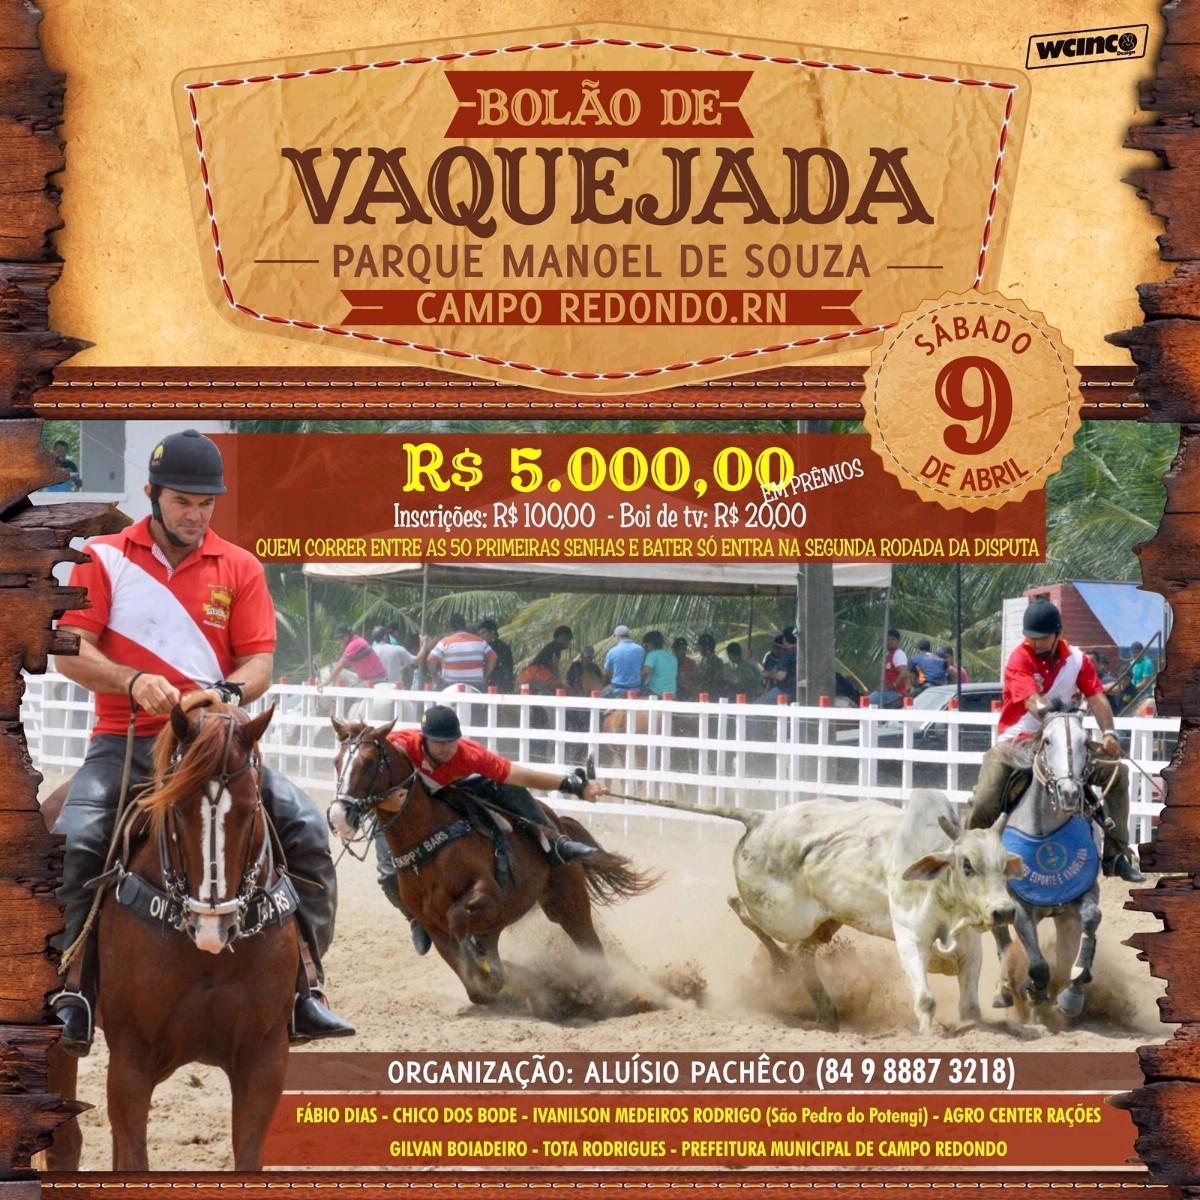 BOLÃO DE VAQUEJADA